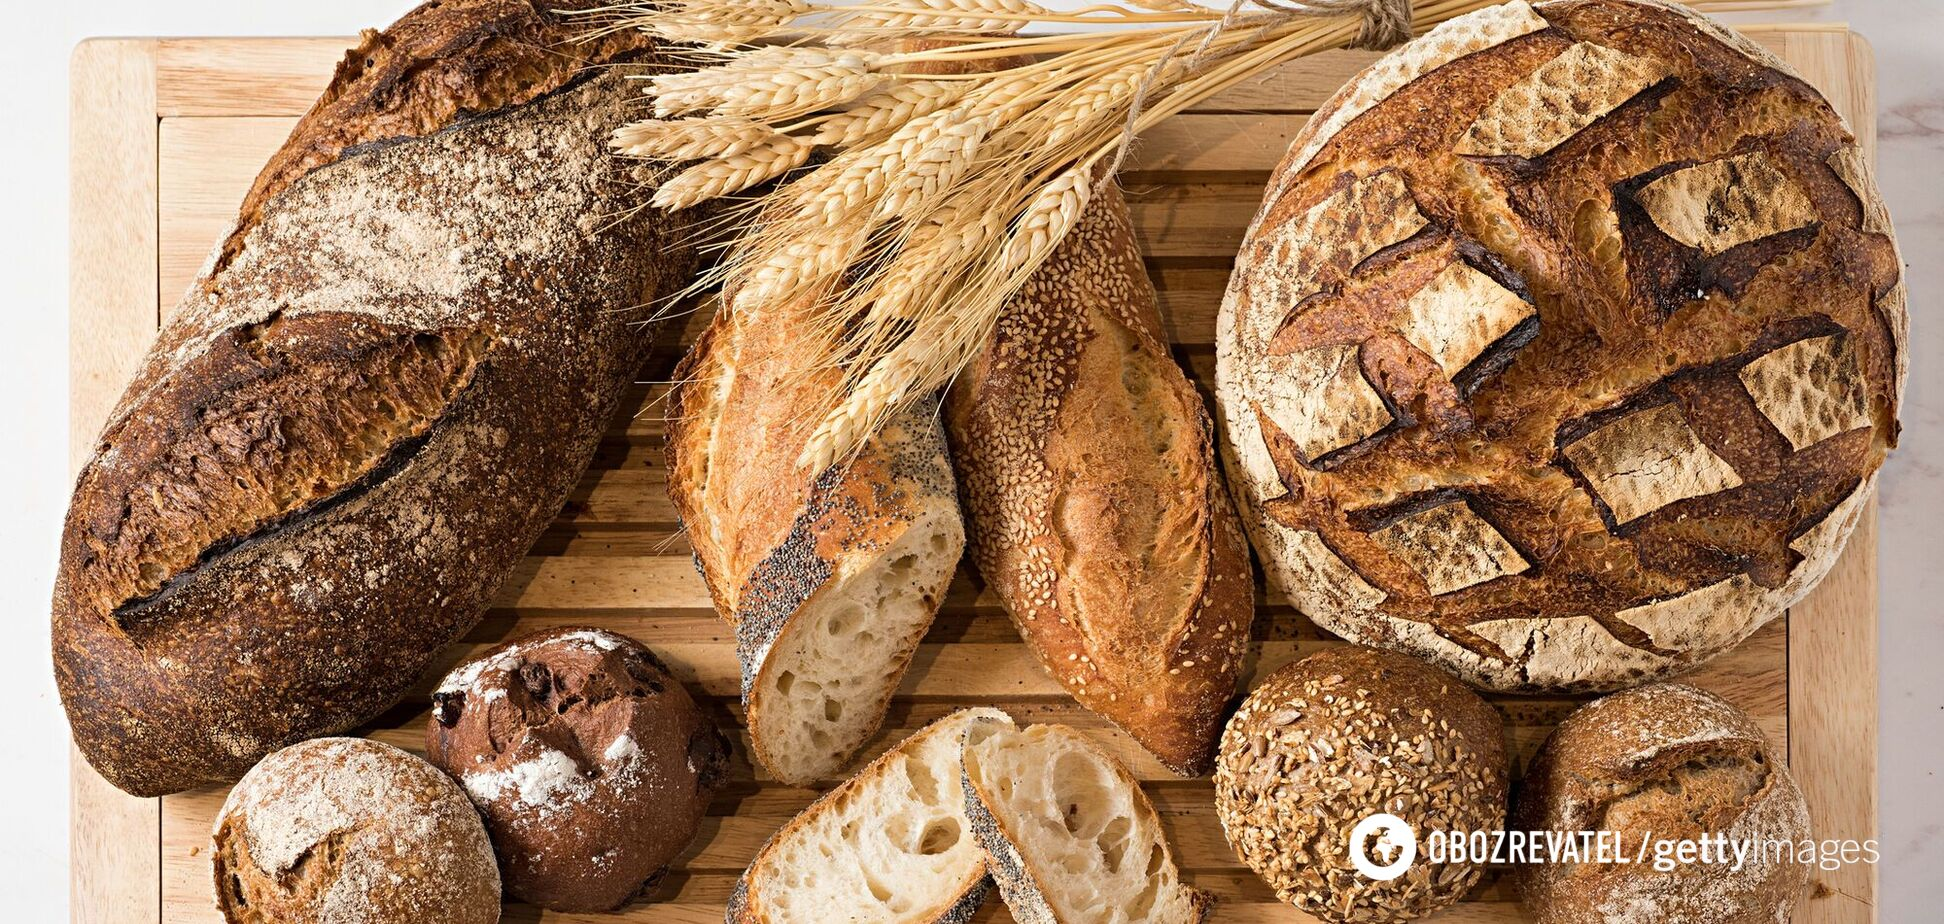 Как выбрать безопасный хлеб